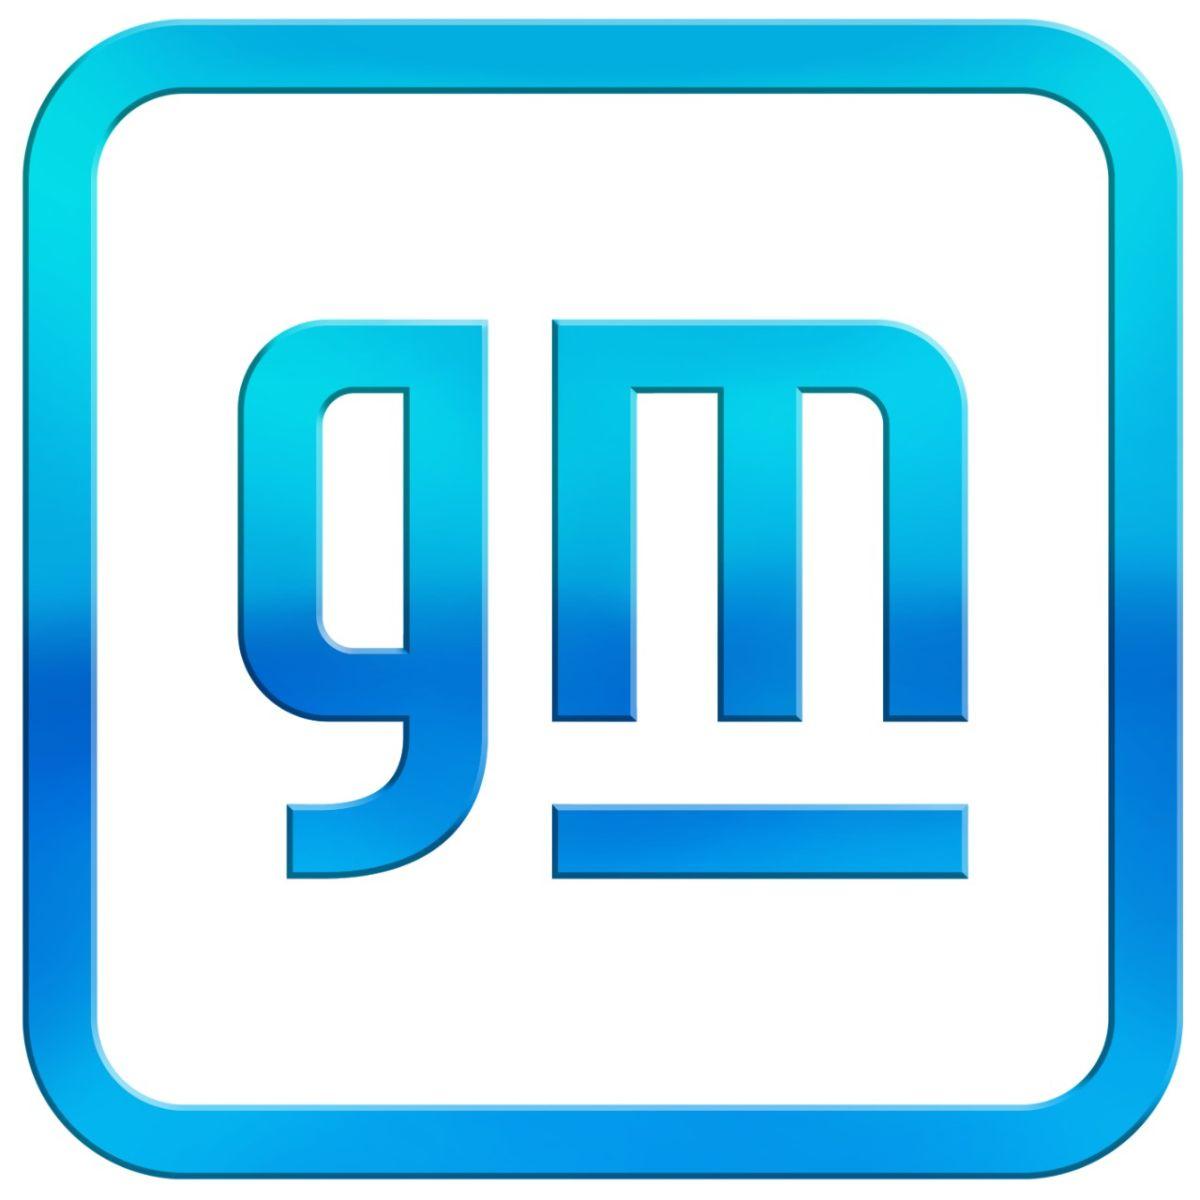 Critican el logo de General Motors por lucir como una tipografía de WordArt de los '90